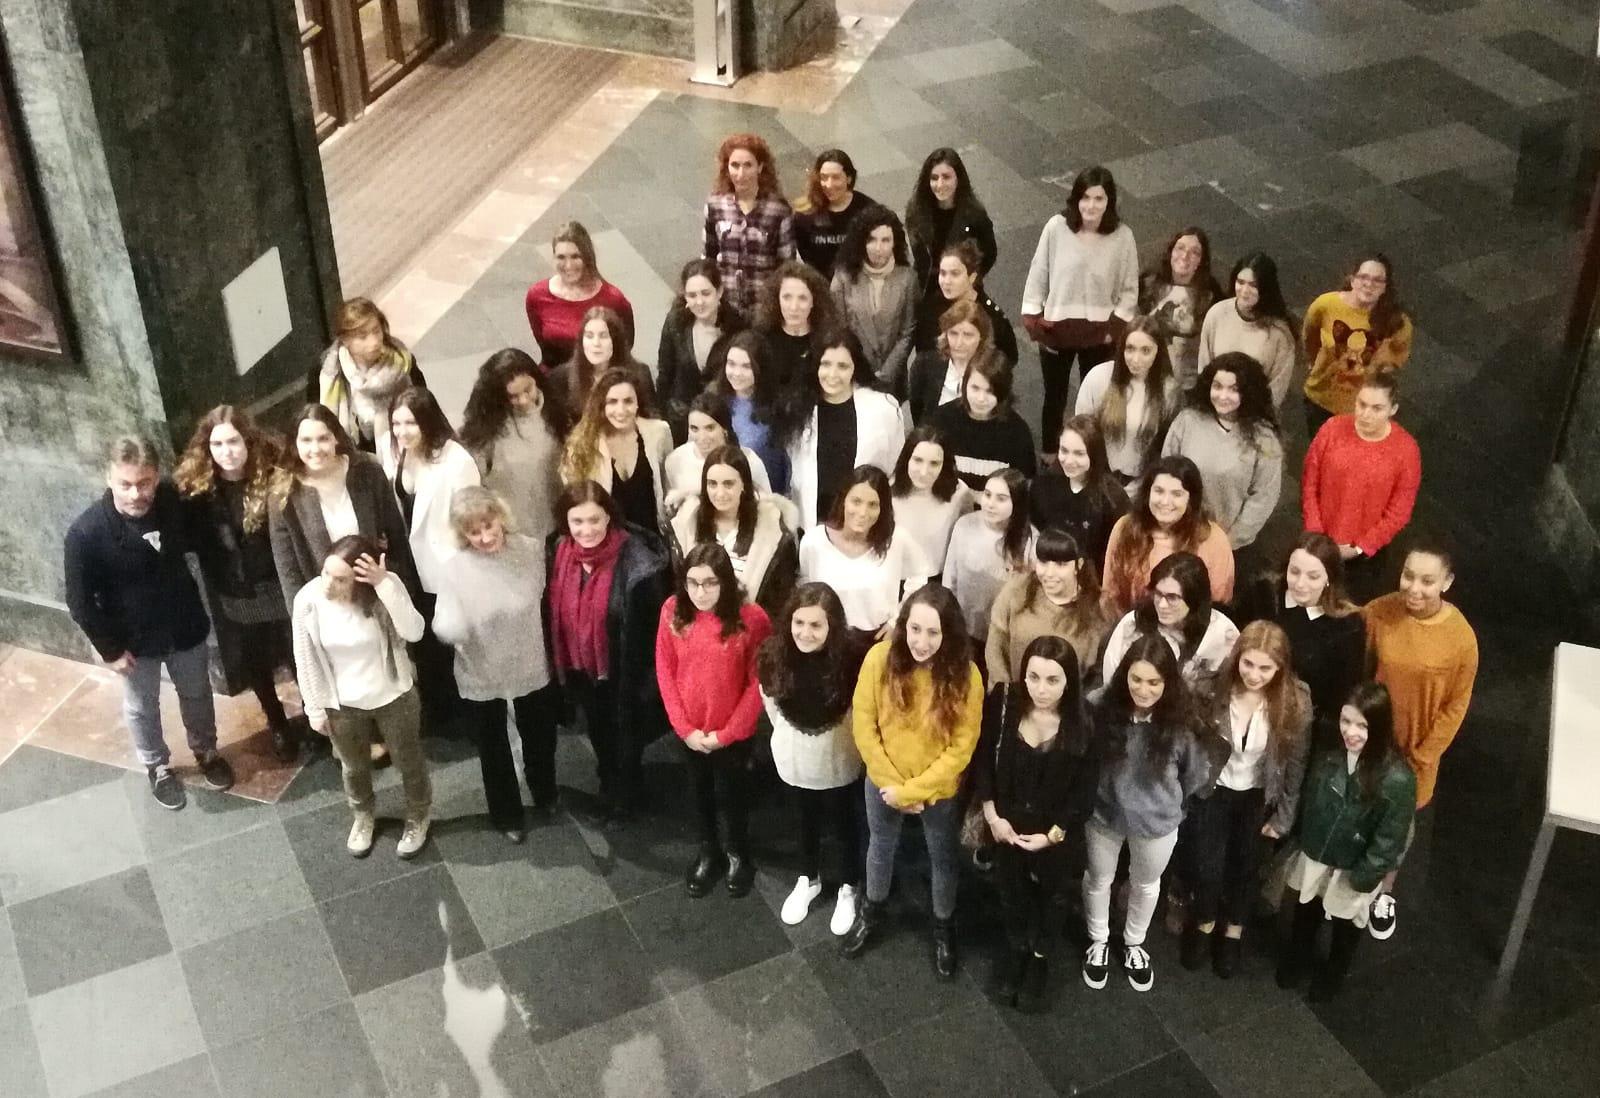 Ocho Deportistas de la Comarca entre las Galardonadas con el Premio Jugamos por la Igualdad